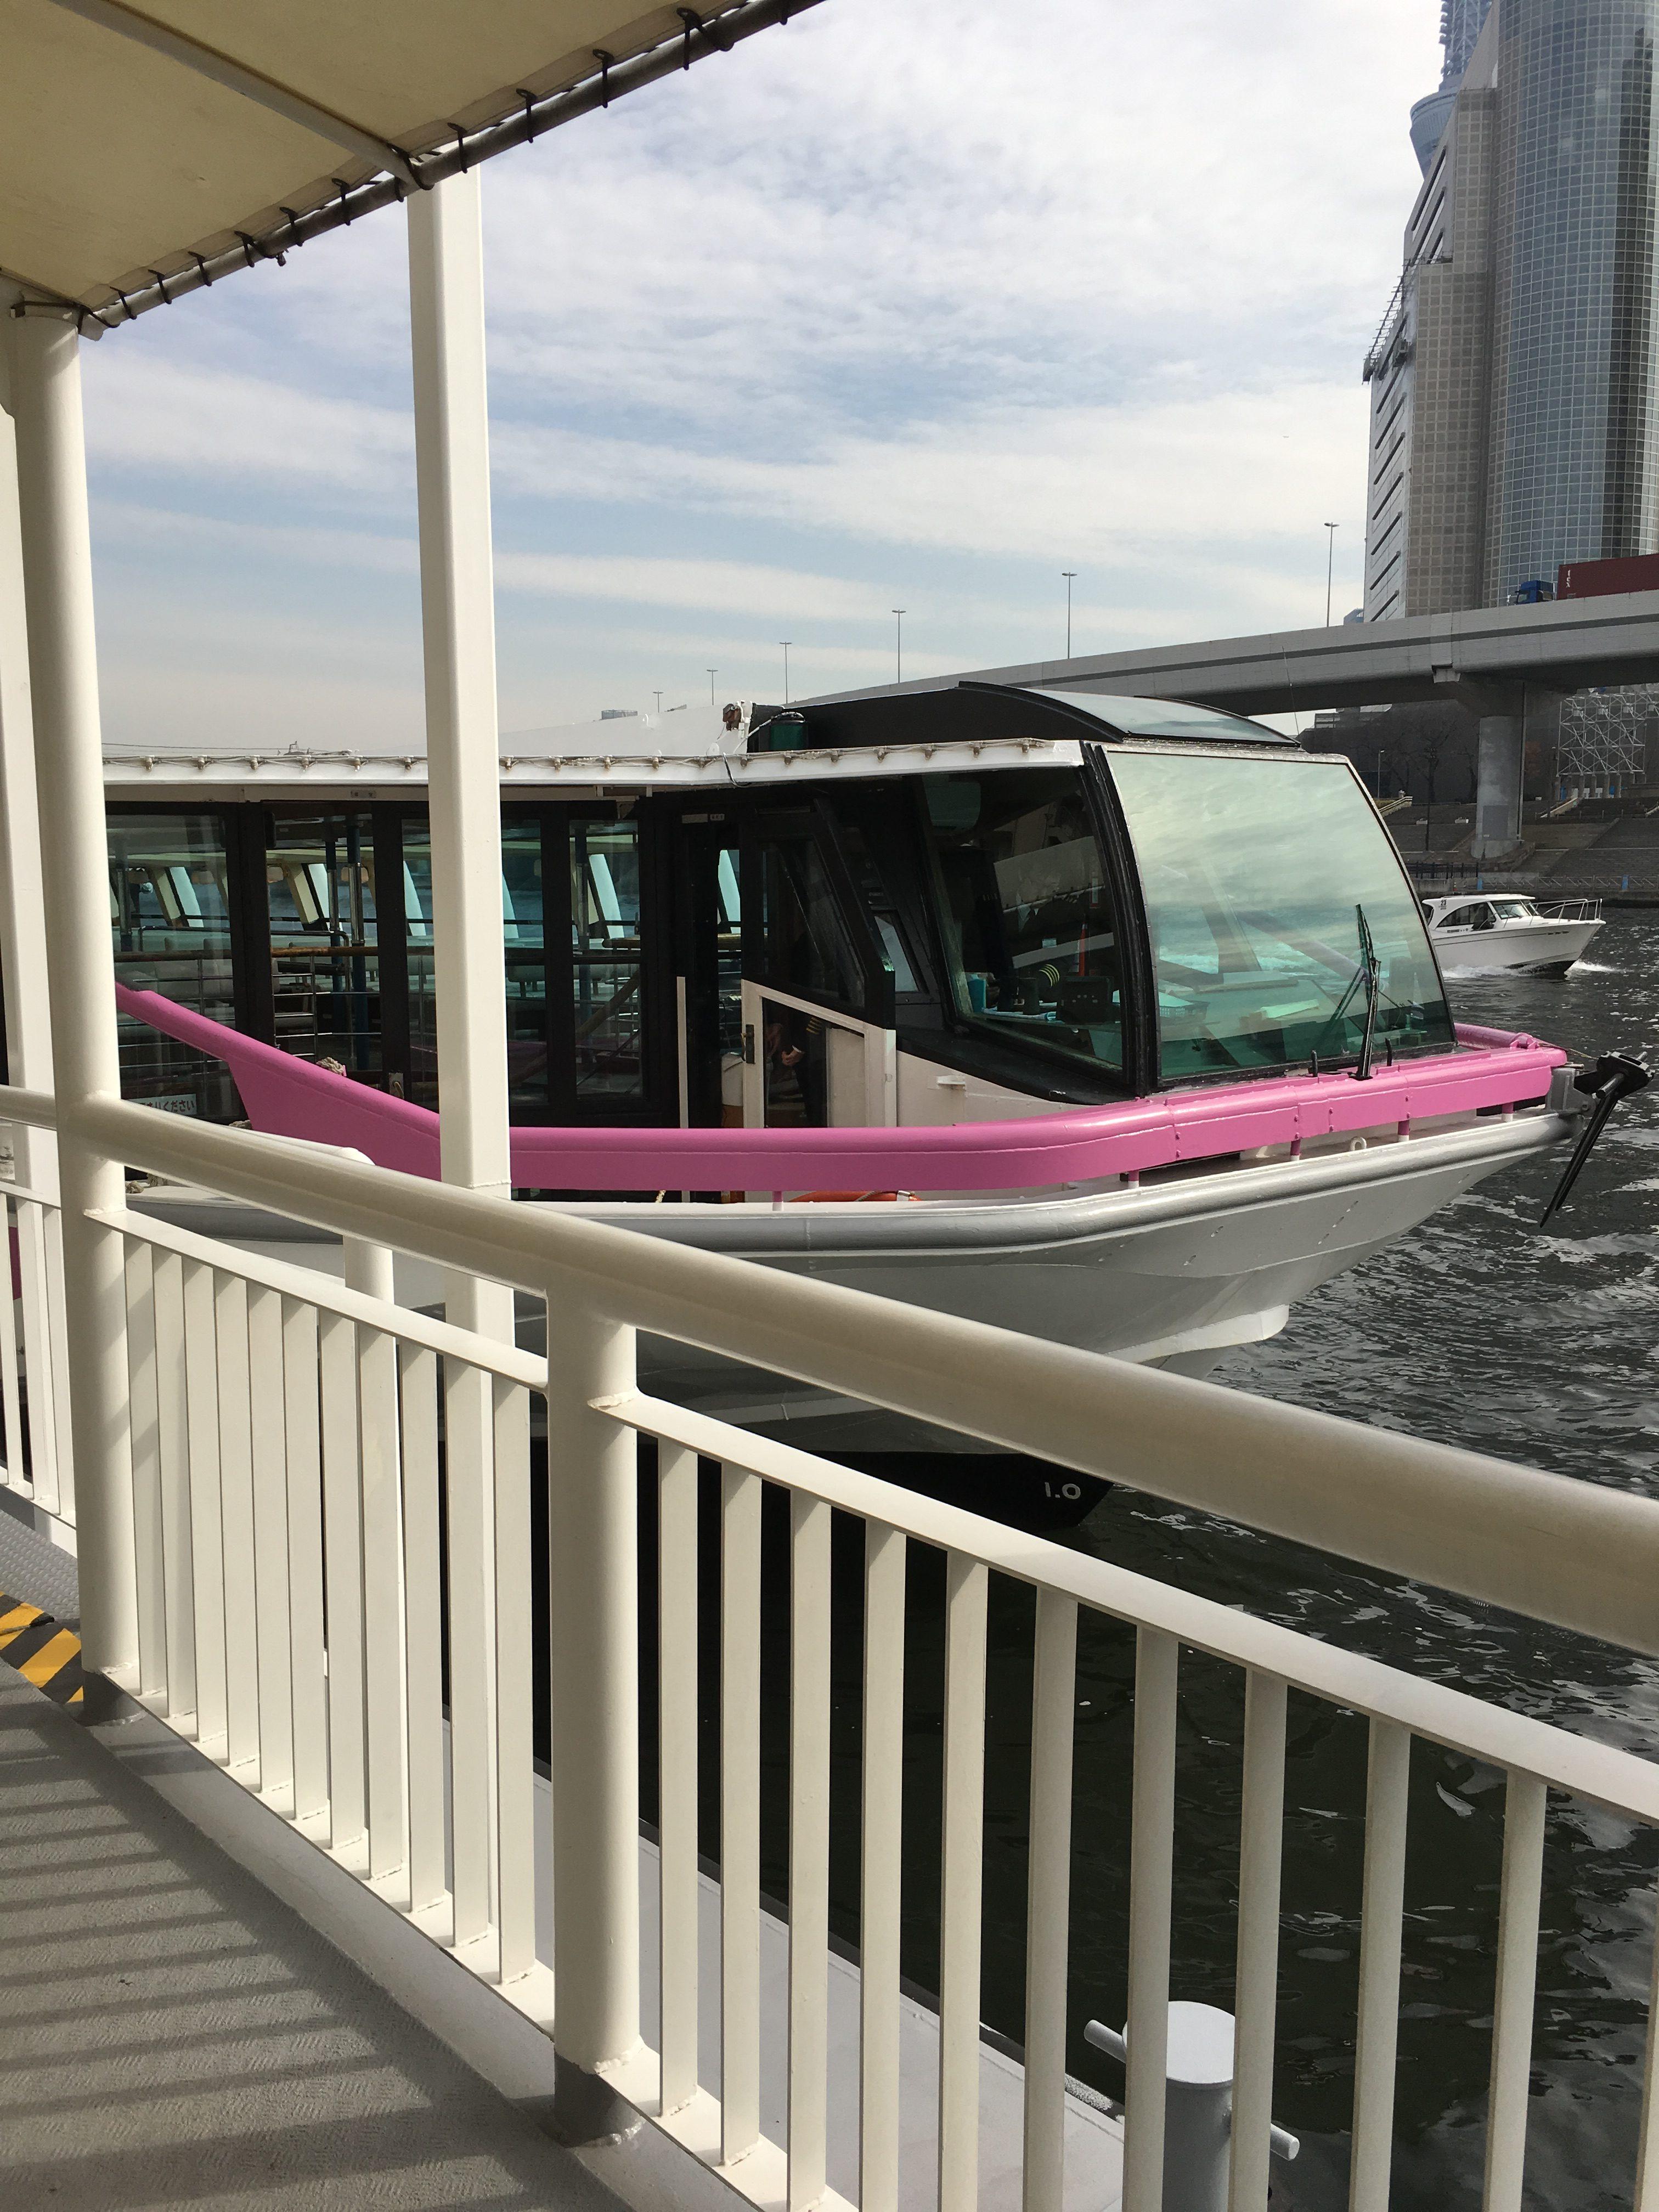 水上バス・東京湾クルーズ(TOKYO CRUISE)へ子連れで乗船!